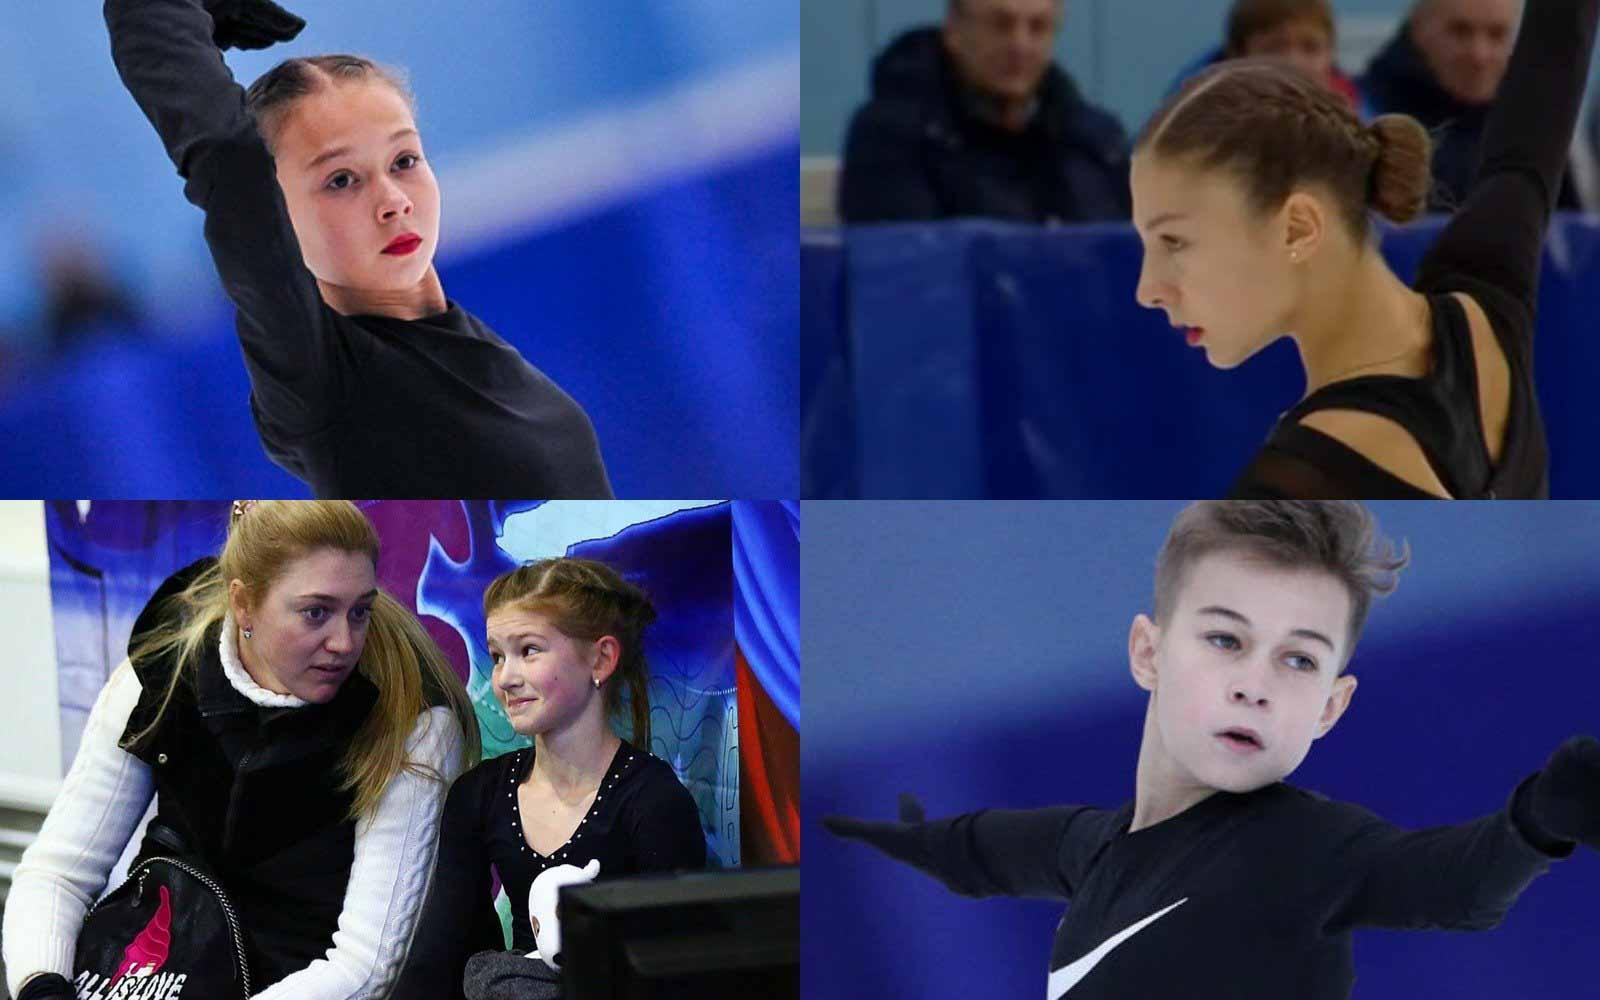 Сборная России готовит переворот на юношеской Олимпиаде